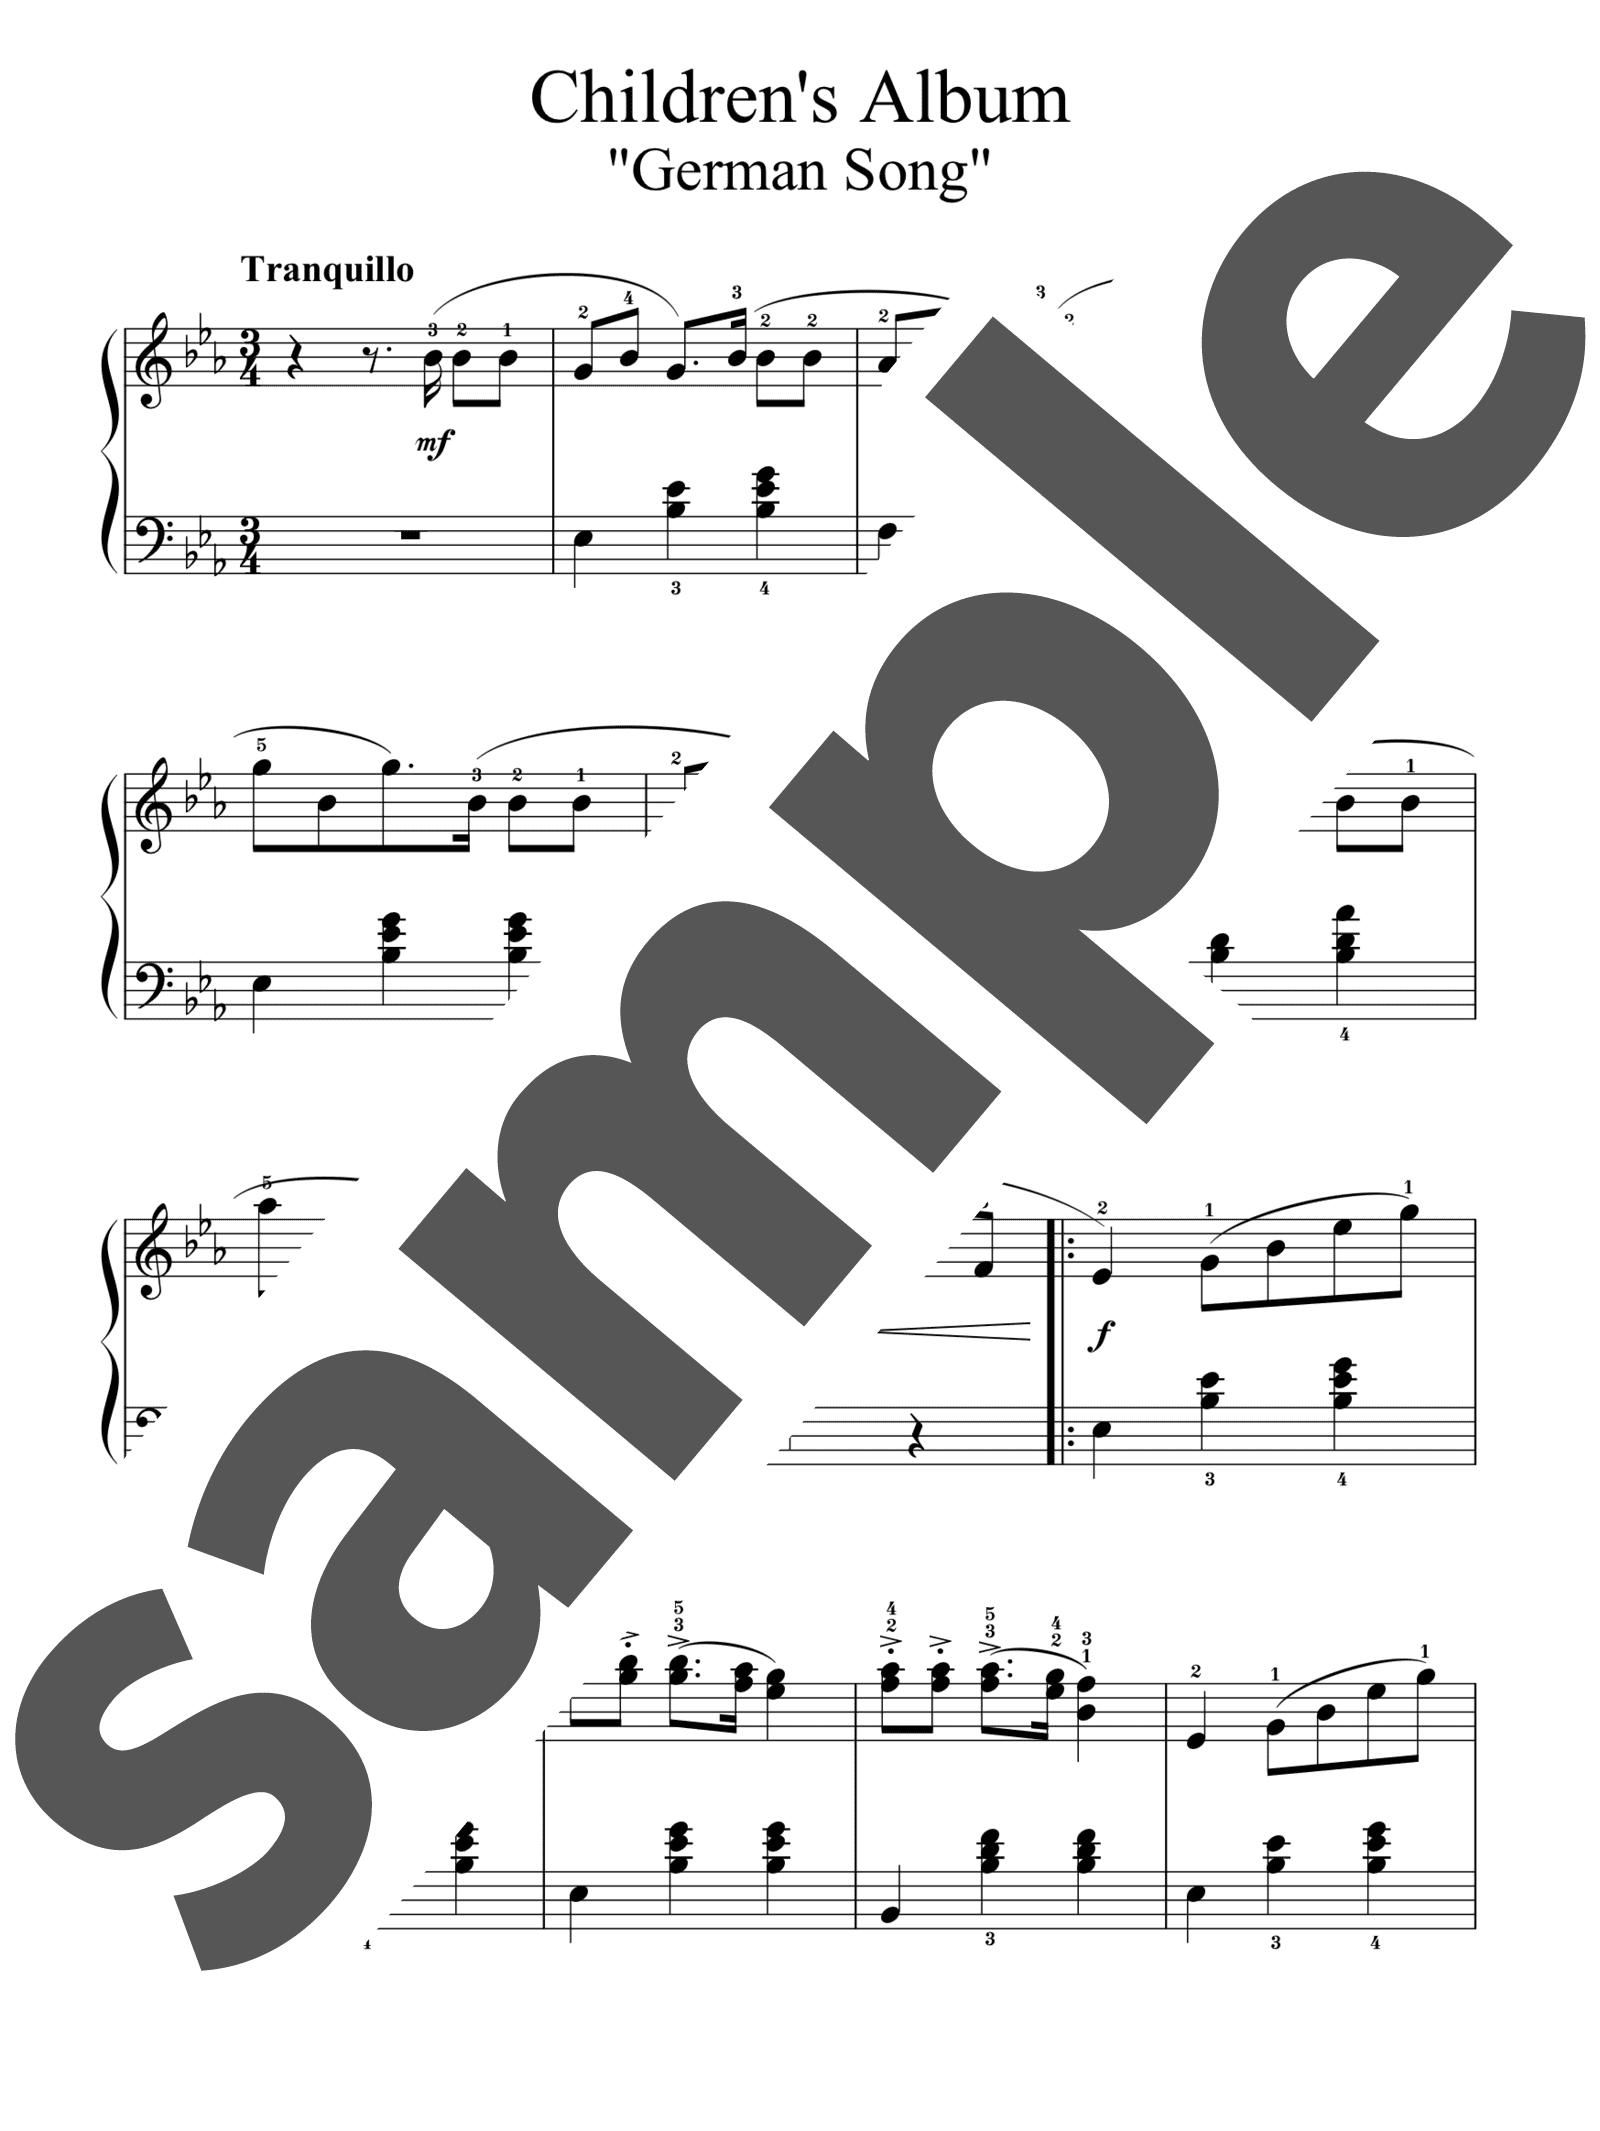 「子供のアルバムより「ドイツの歌」」のサンプル楽譜